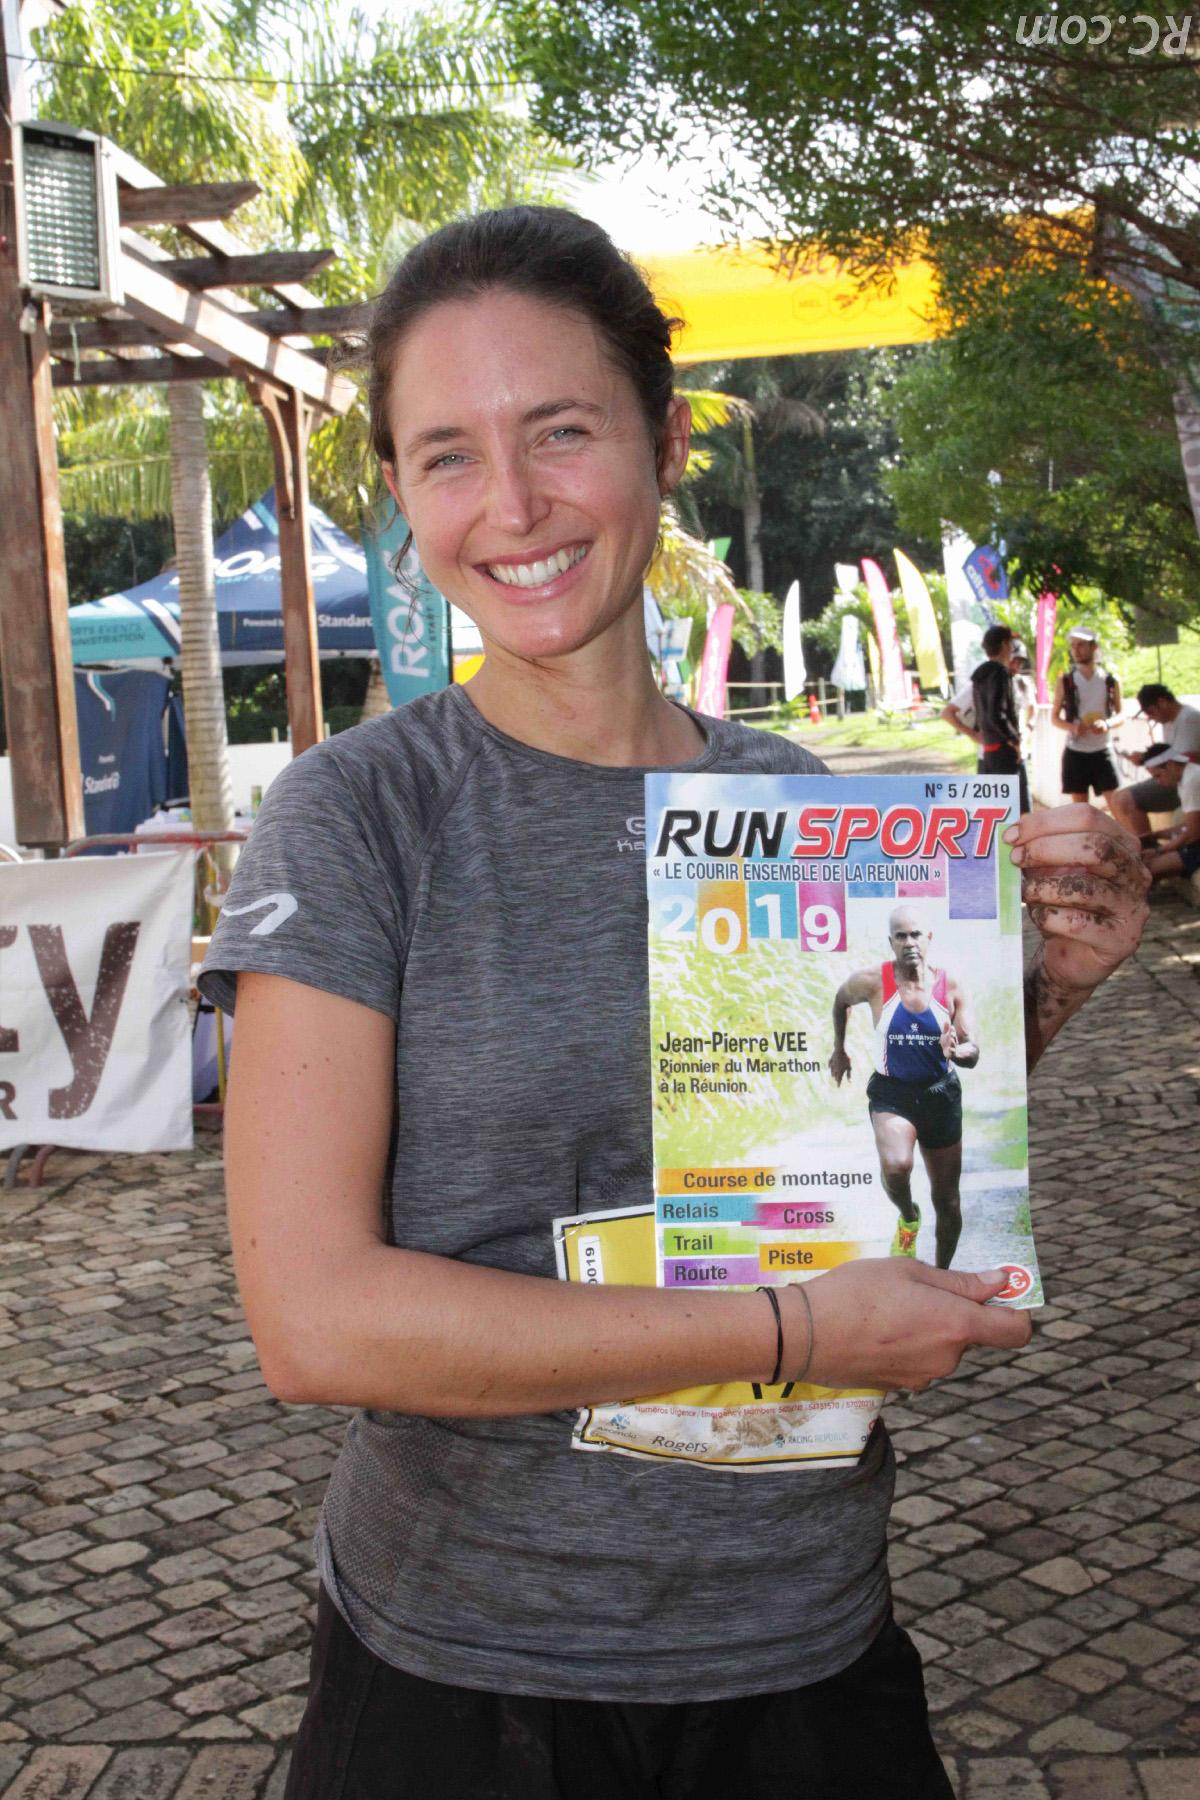 Léa Cavelier 4ème senior des 53 km, a adopté Run Sport